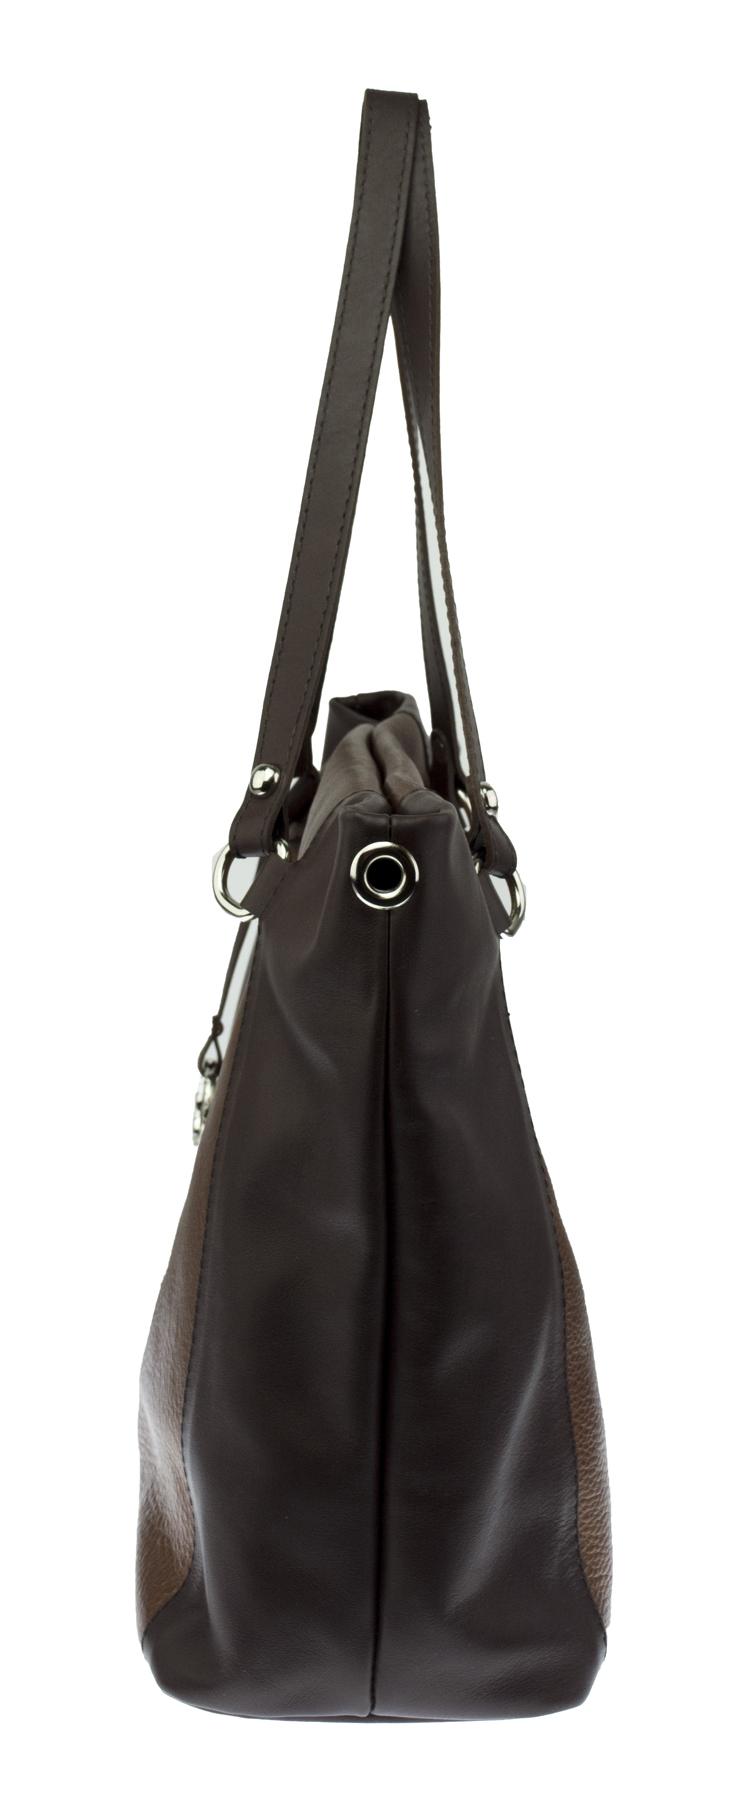 Kožená kabelka FACEBAG ROSA - metalická hněda + tmavě hnědá